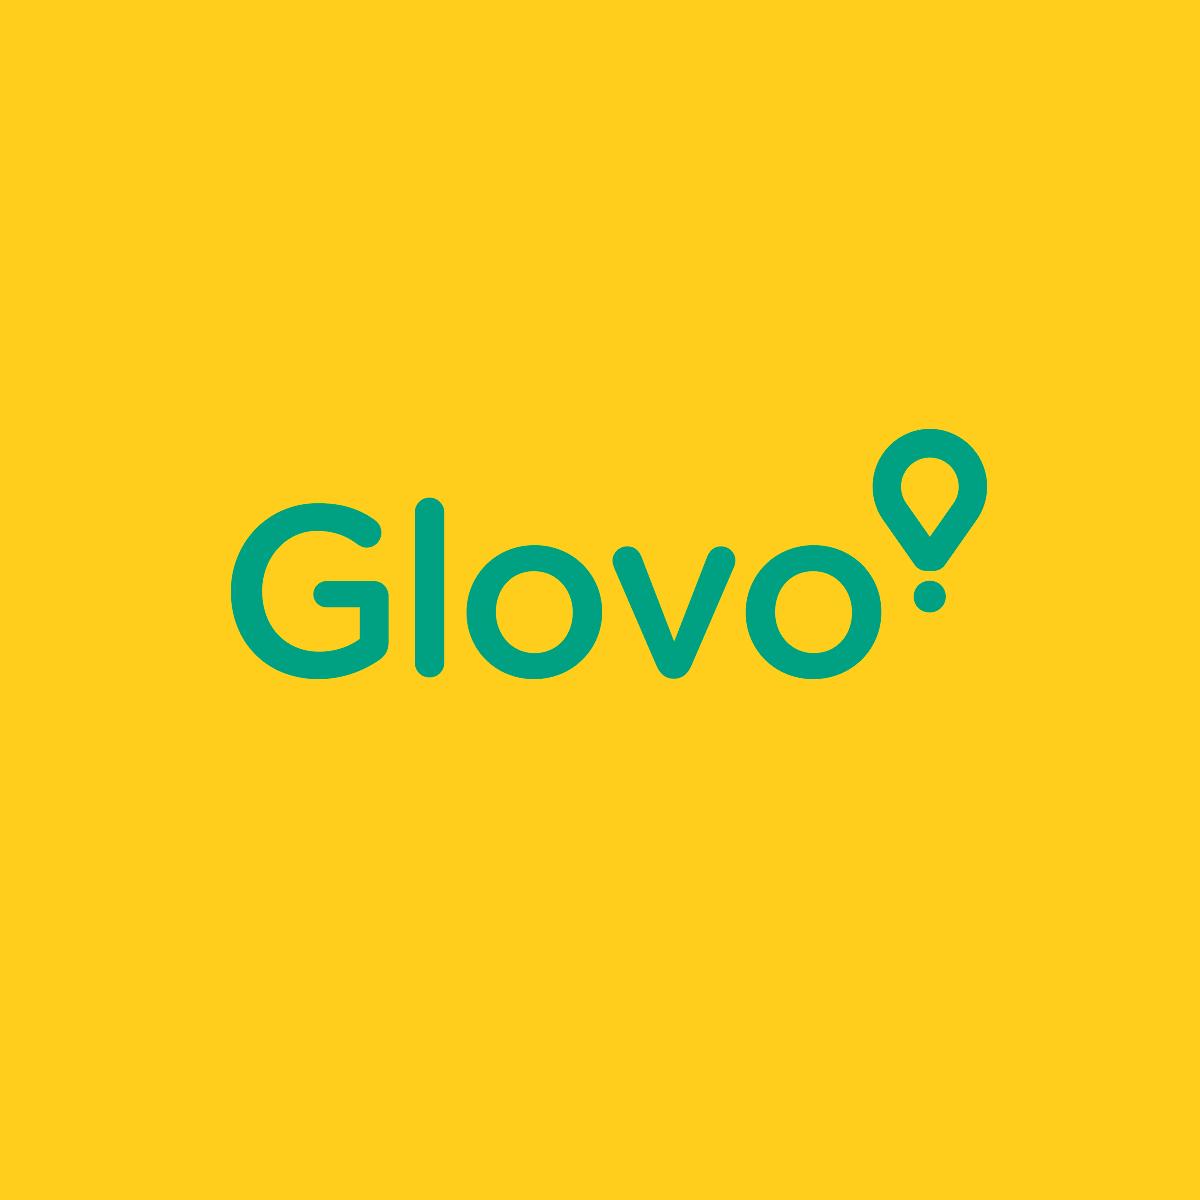 12 ideas de Glovo | caja para moto, organizacion de trabajo, pizzas  artesanales